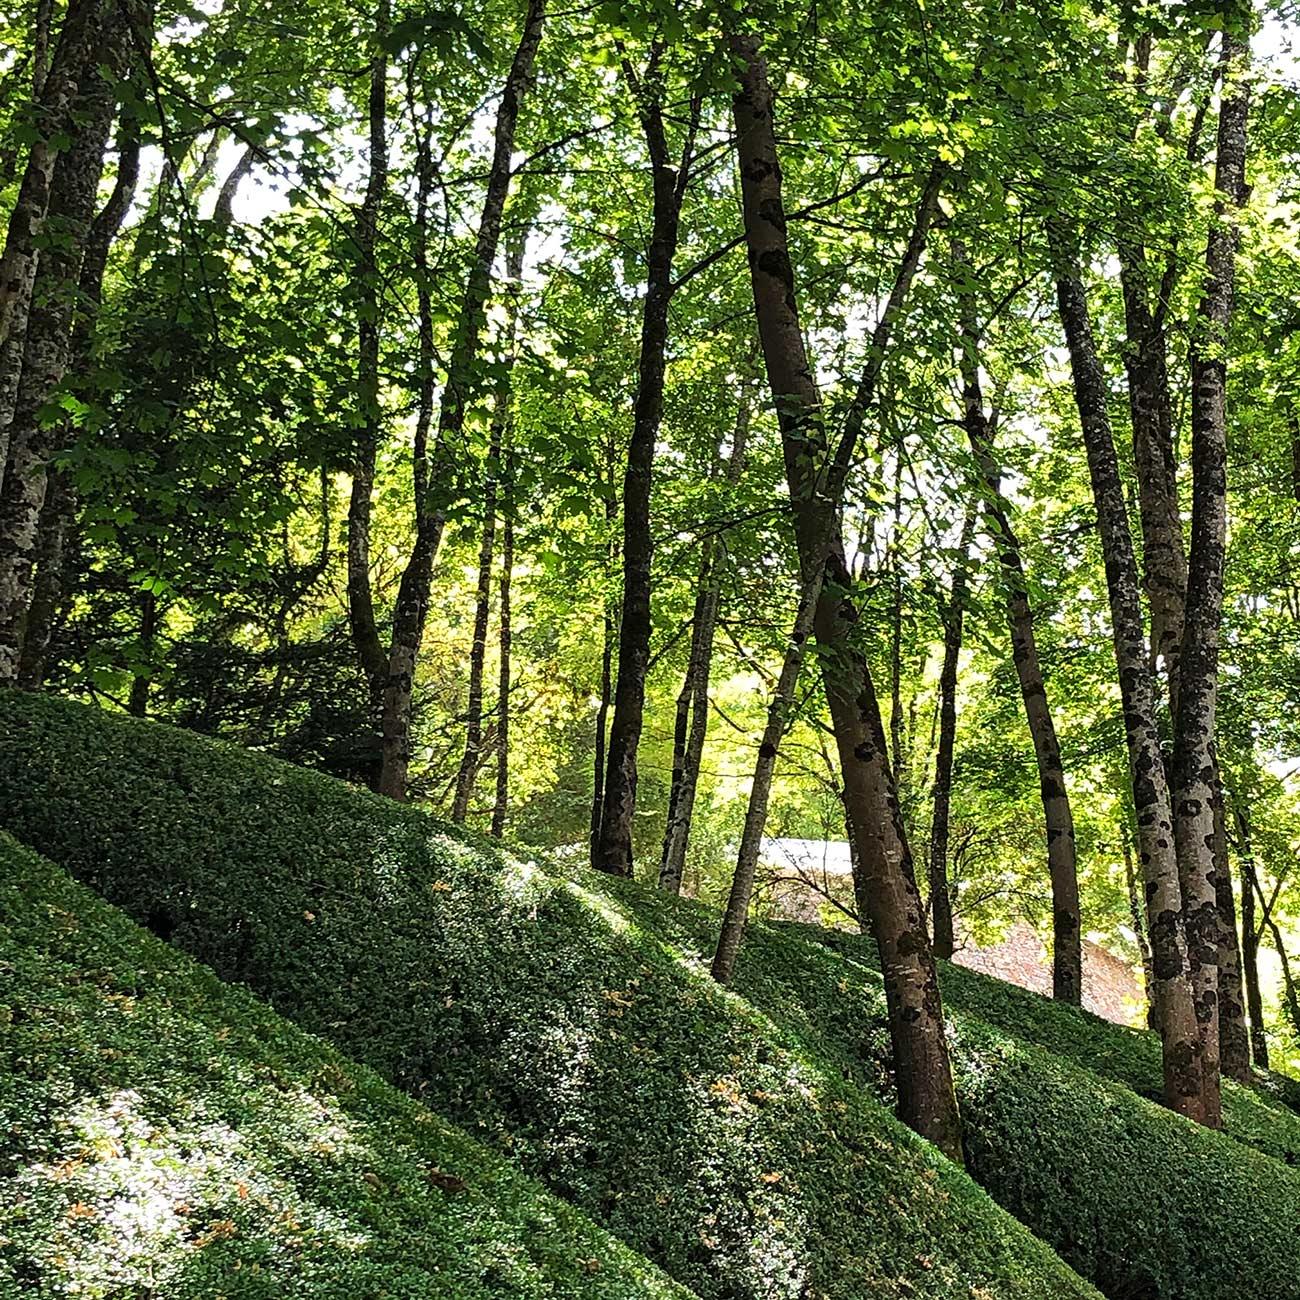 JARDIN DE L IMAGINAIRE - jardin d ombre et topiaires - Atelier Naudier - Architecte Paysagiste Concepteur -Montpellier & Aix-en-Provence